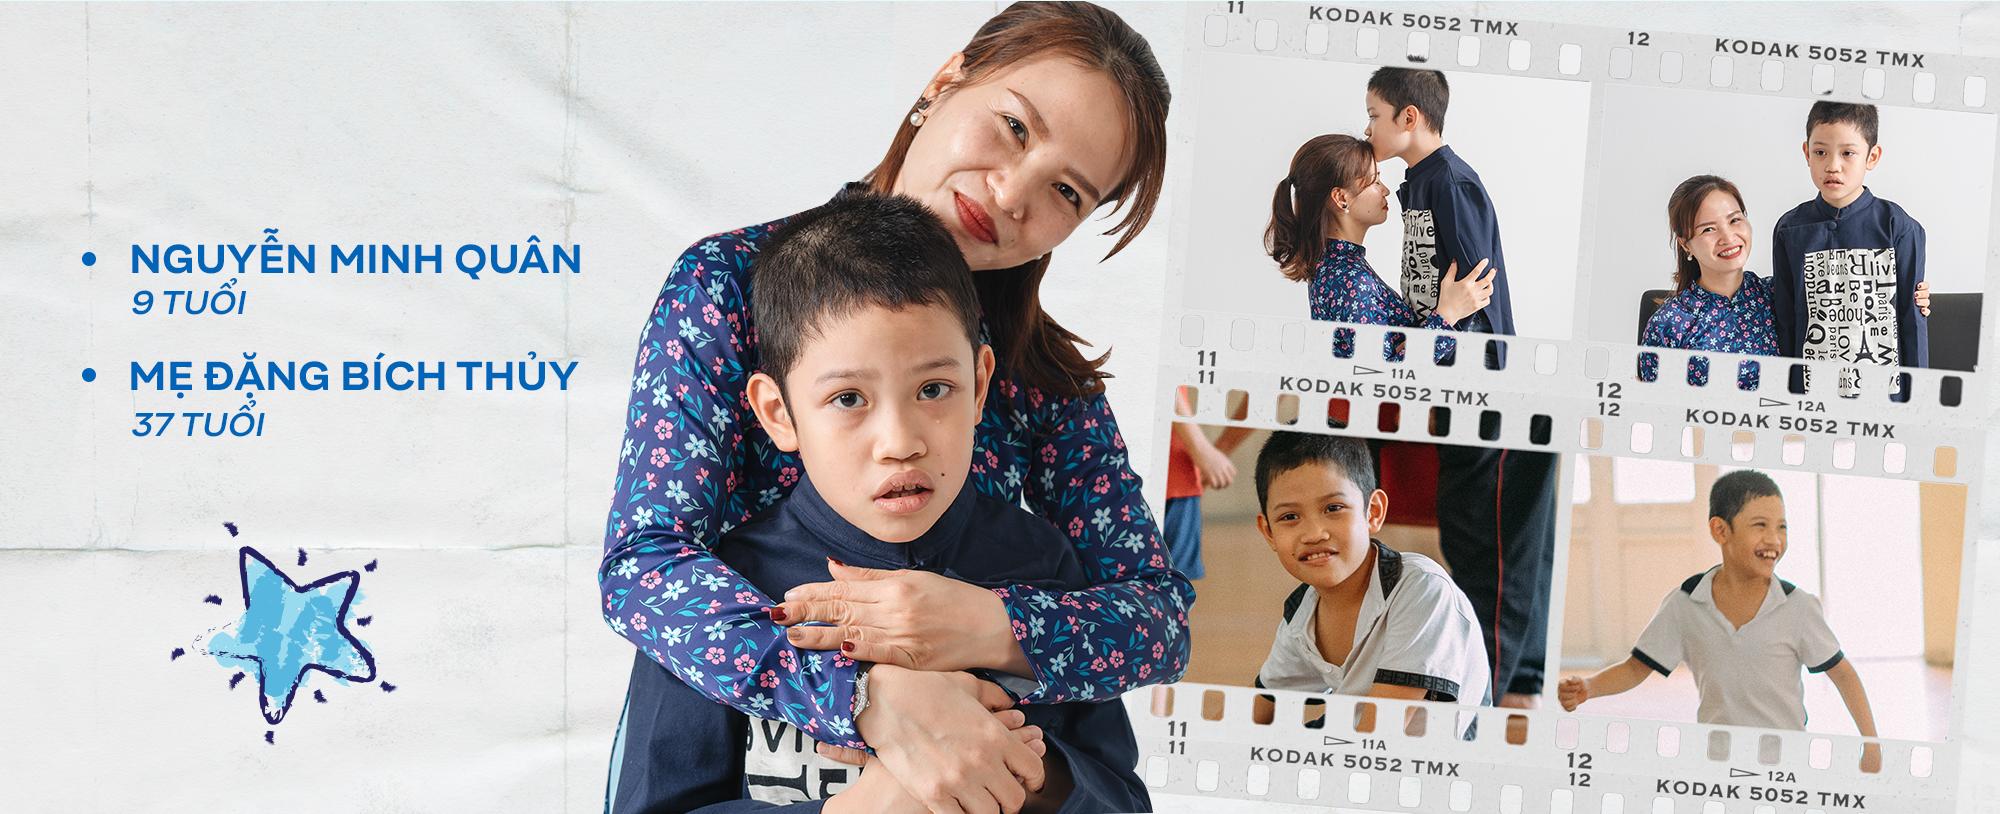 Hành trình của bốn người mẹ có con tự kỷ: Trong mắt mẹ, con luôn là một đứa trẻ đáng yêu, trong mắt con, mẹ luôn là người tuyệt vời nhất - Ảnh 9.